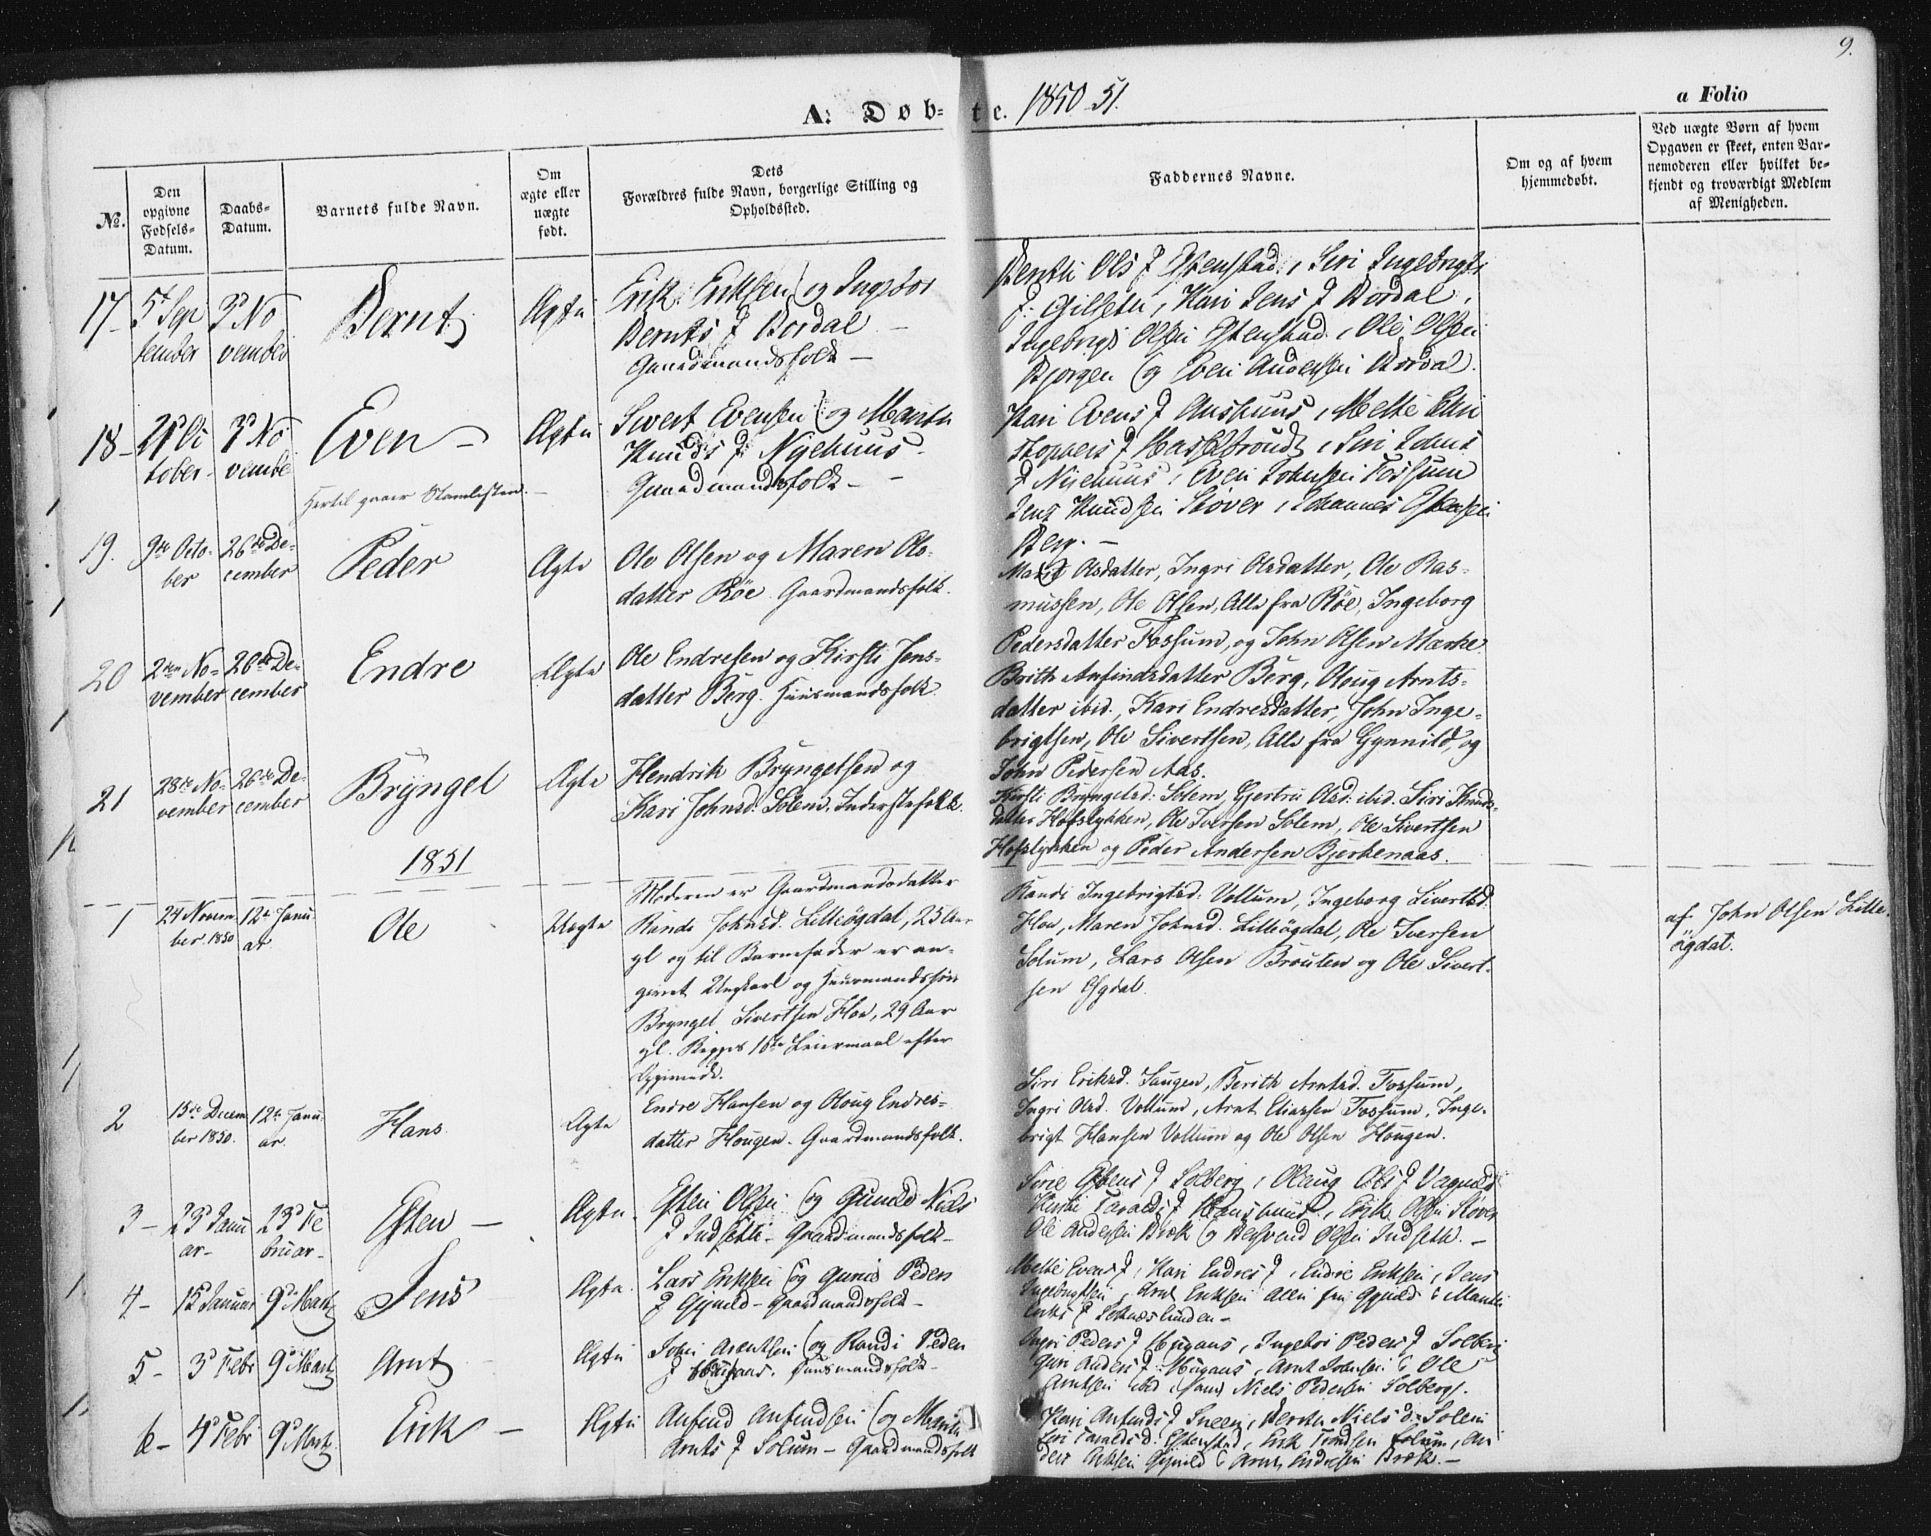 SAT, Ministerialprotokoller, klokkerbøker og fødselsregistre - Sør-Trøndelag, 689/L1038: Ministerialbok nr. 689A03, 1848-1872, s. 9